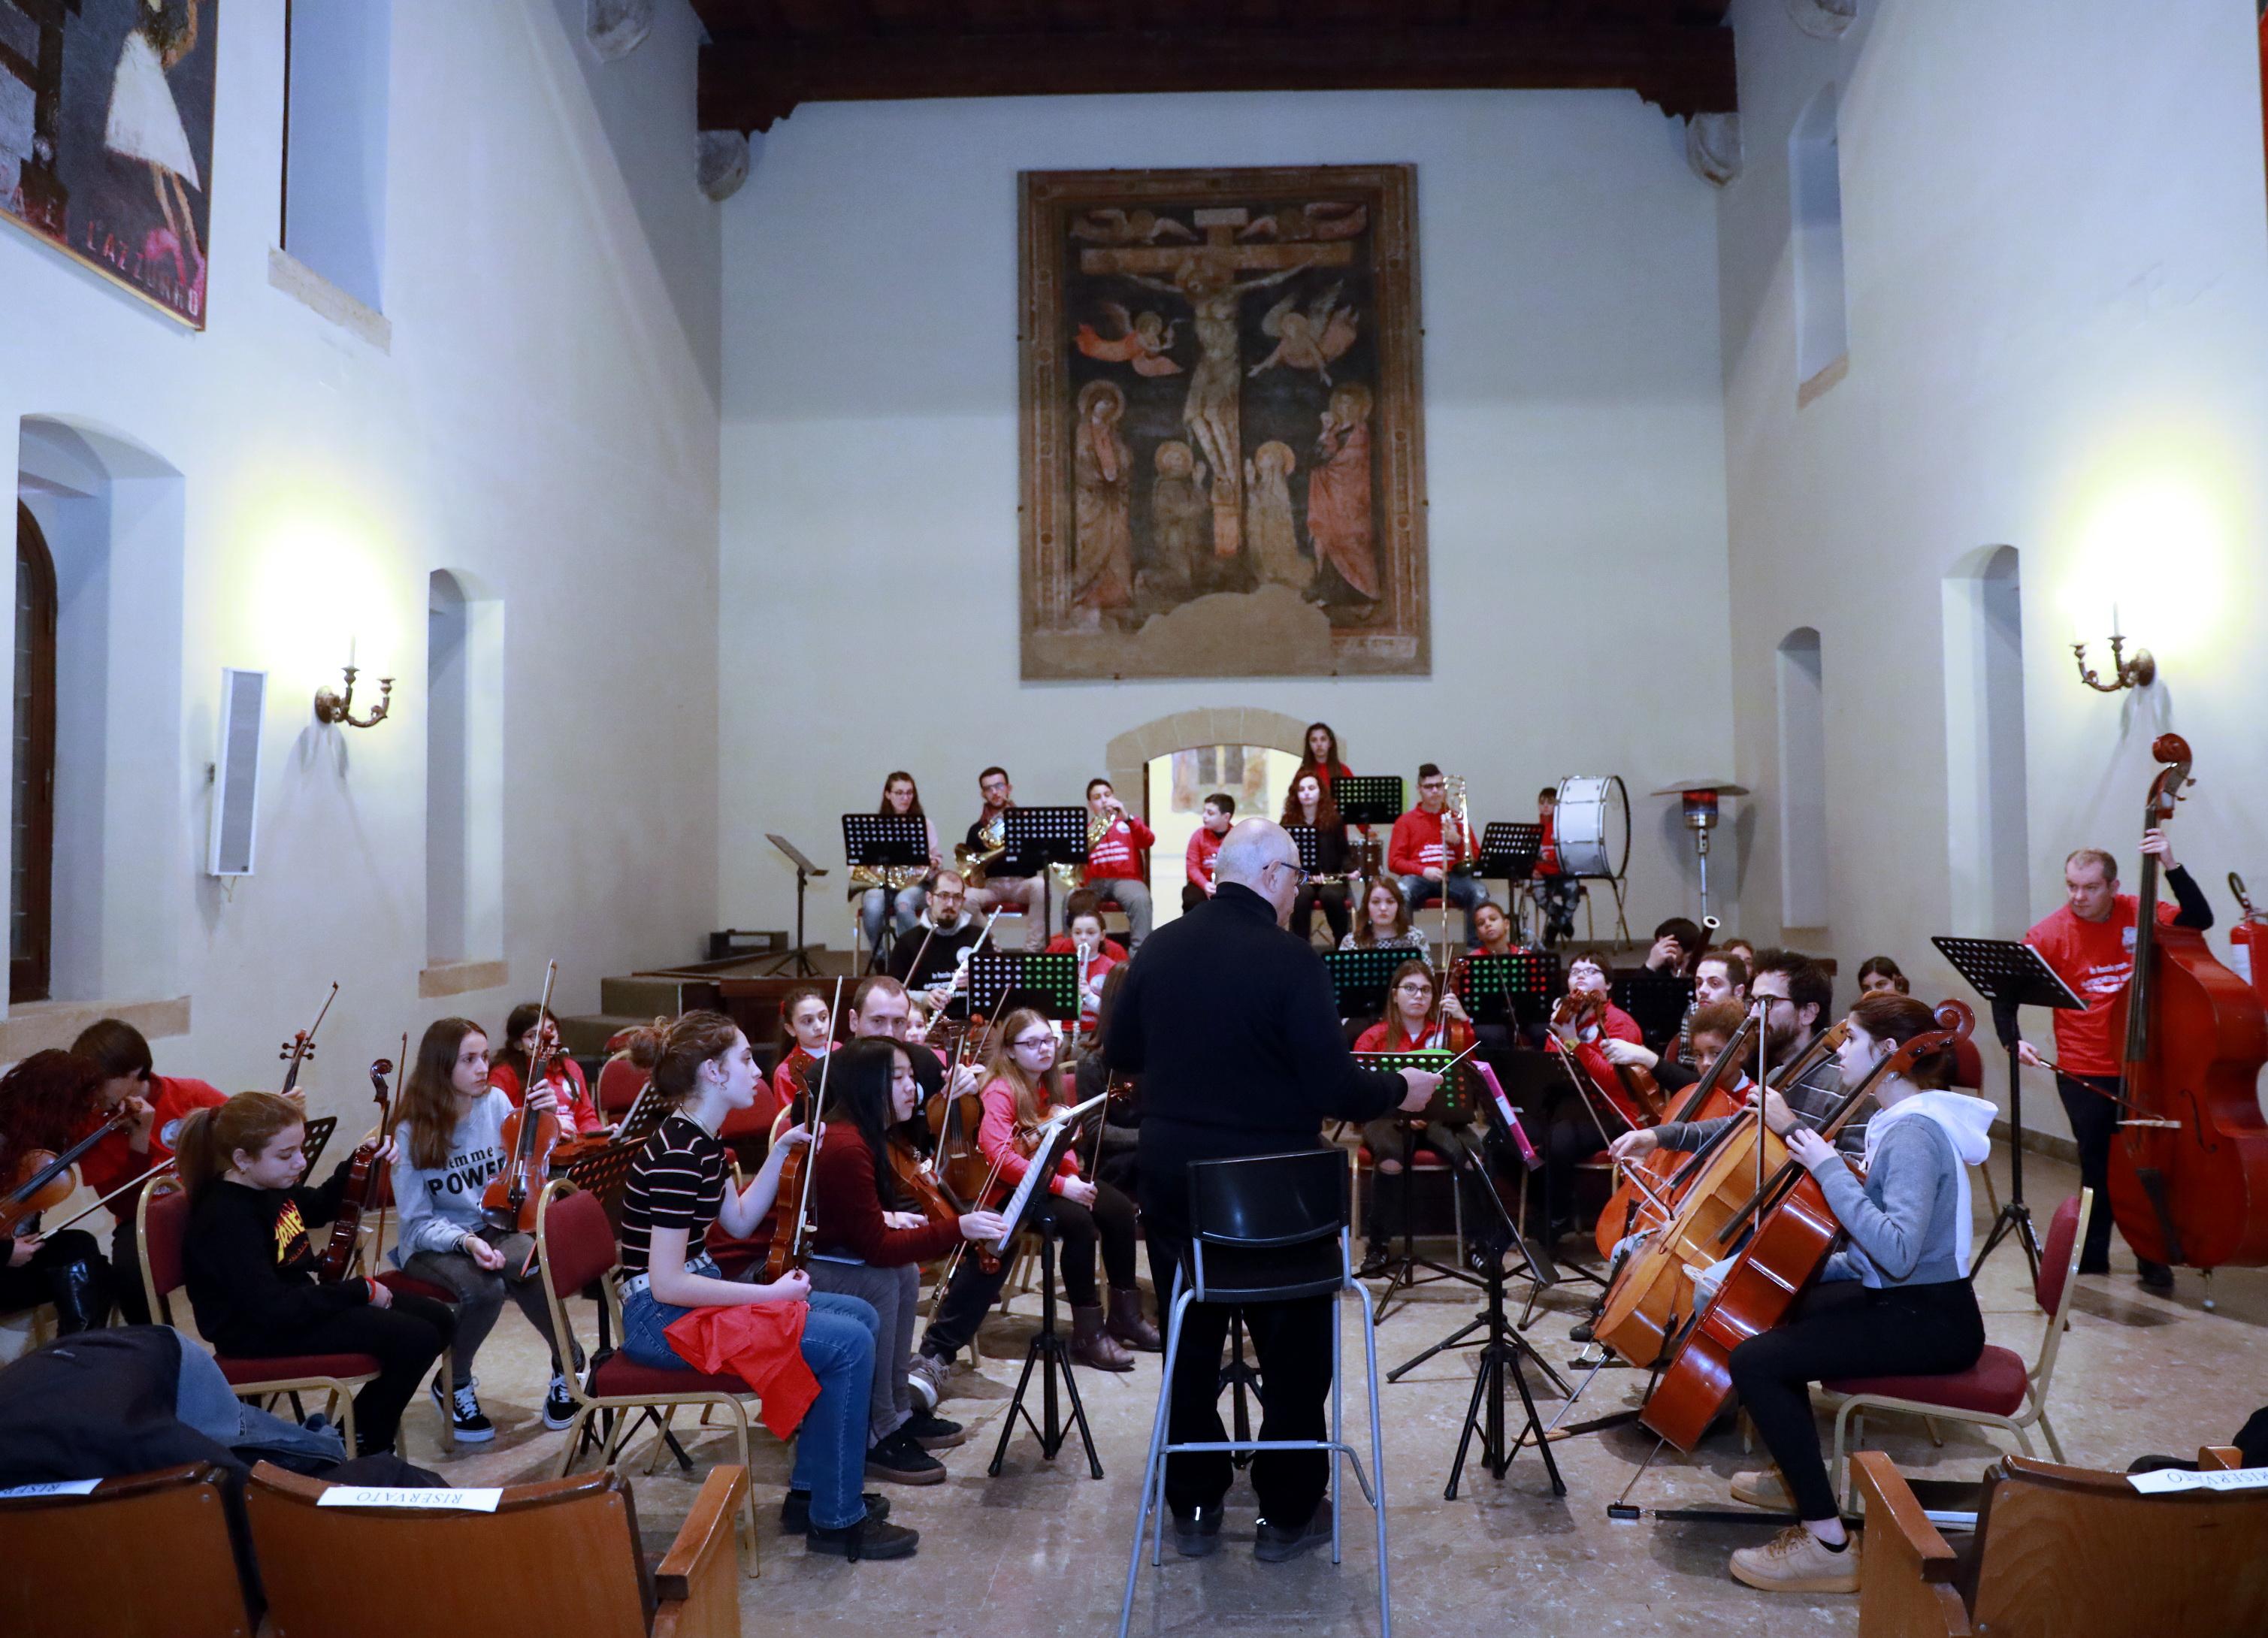 20 dicembre 2019 : Concerto di Natale all'Auditorium Pietro Russo con le Associazioni che partecipano al Progetto Caterina @ Auditorium Pietro Russo | Napoli | Campania | Italia